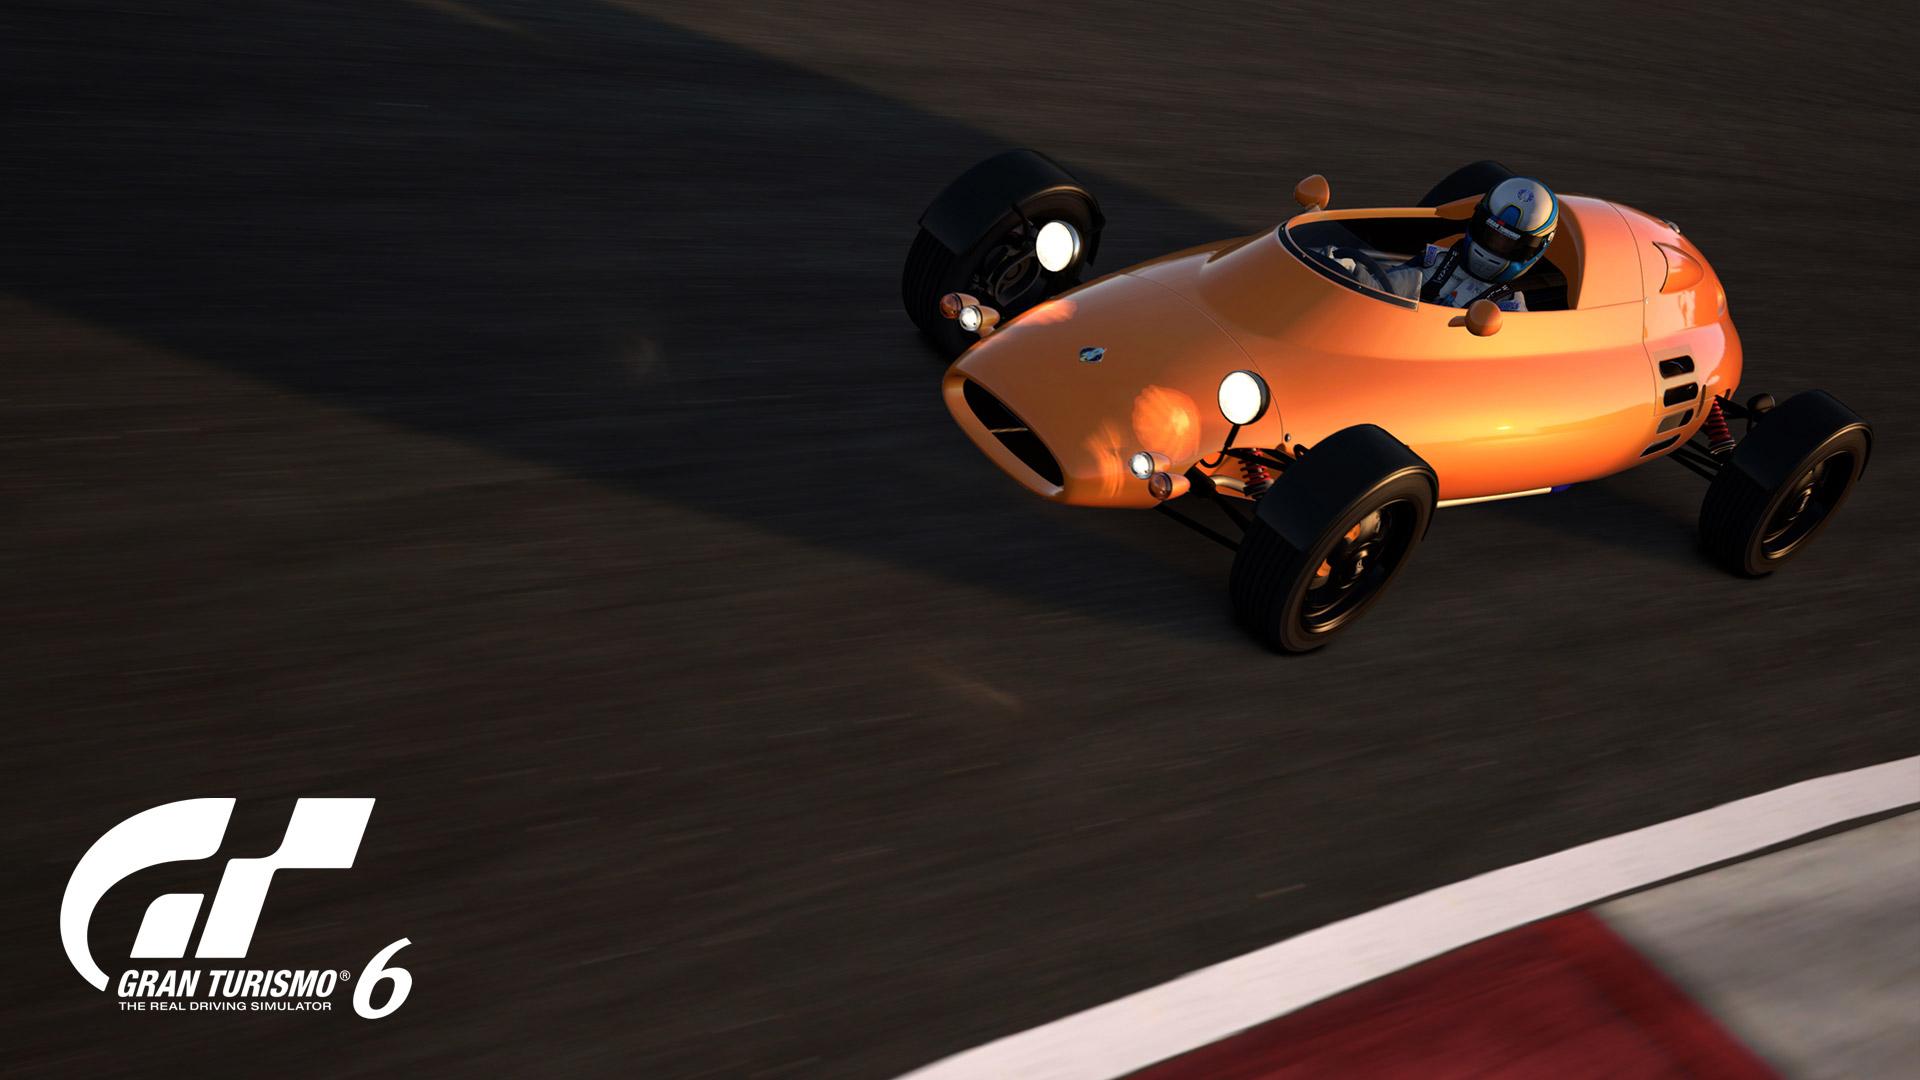 Gran Turismo 6 wallpaper 5